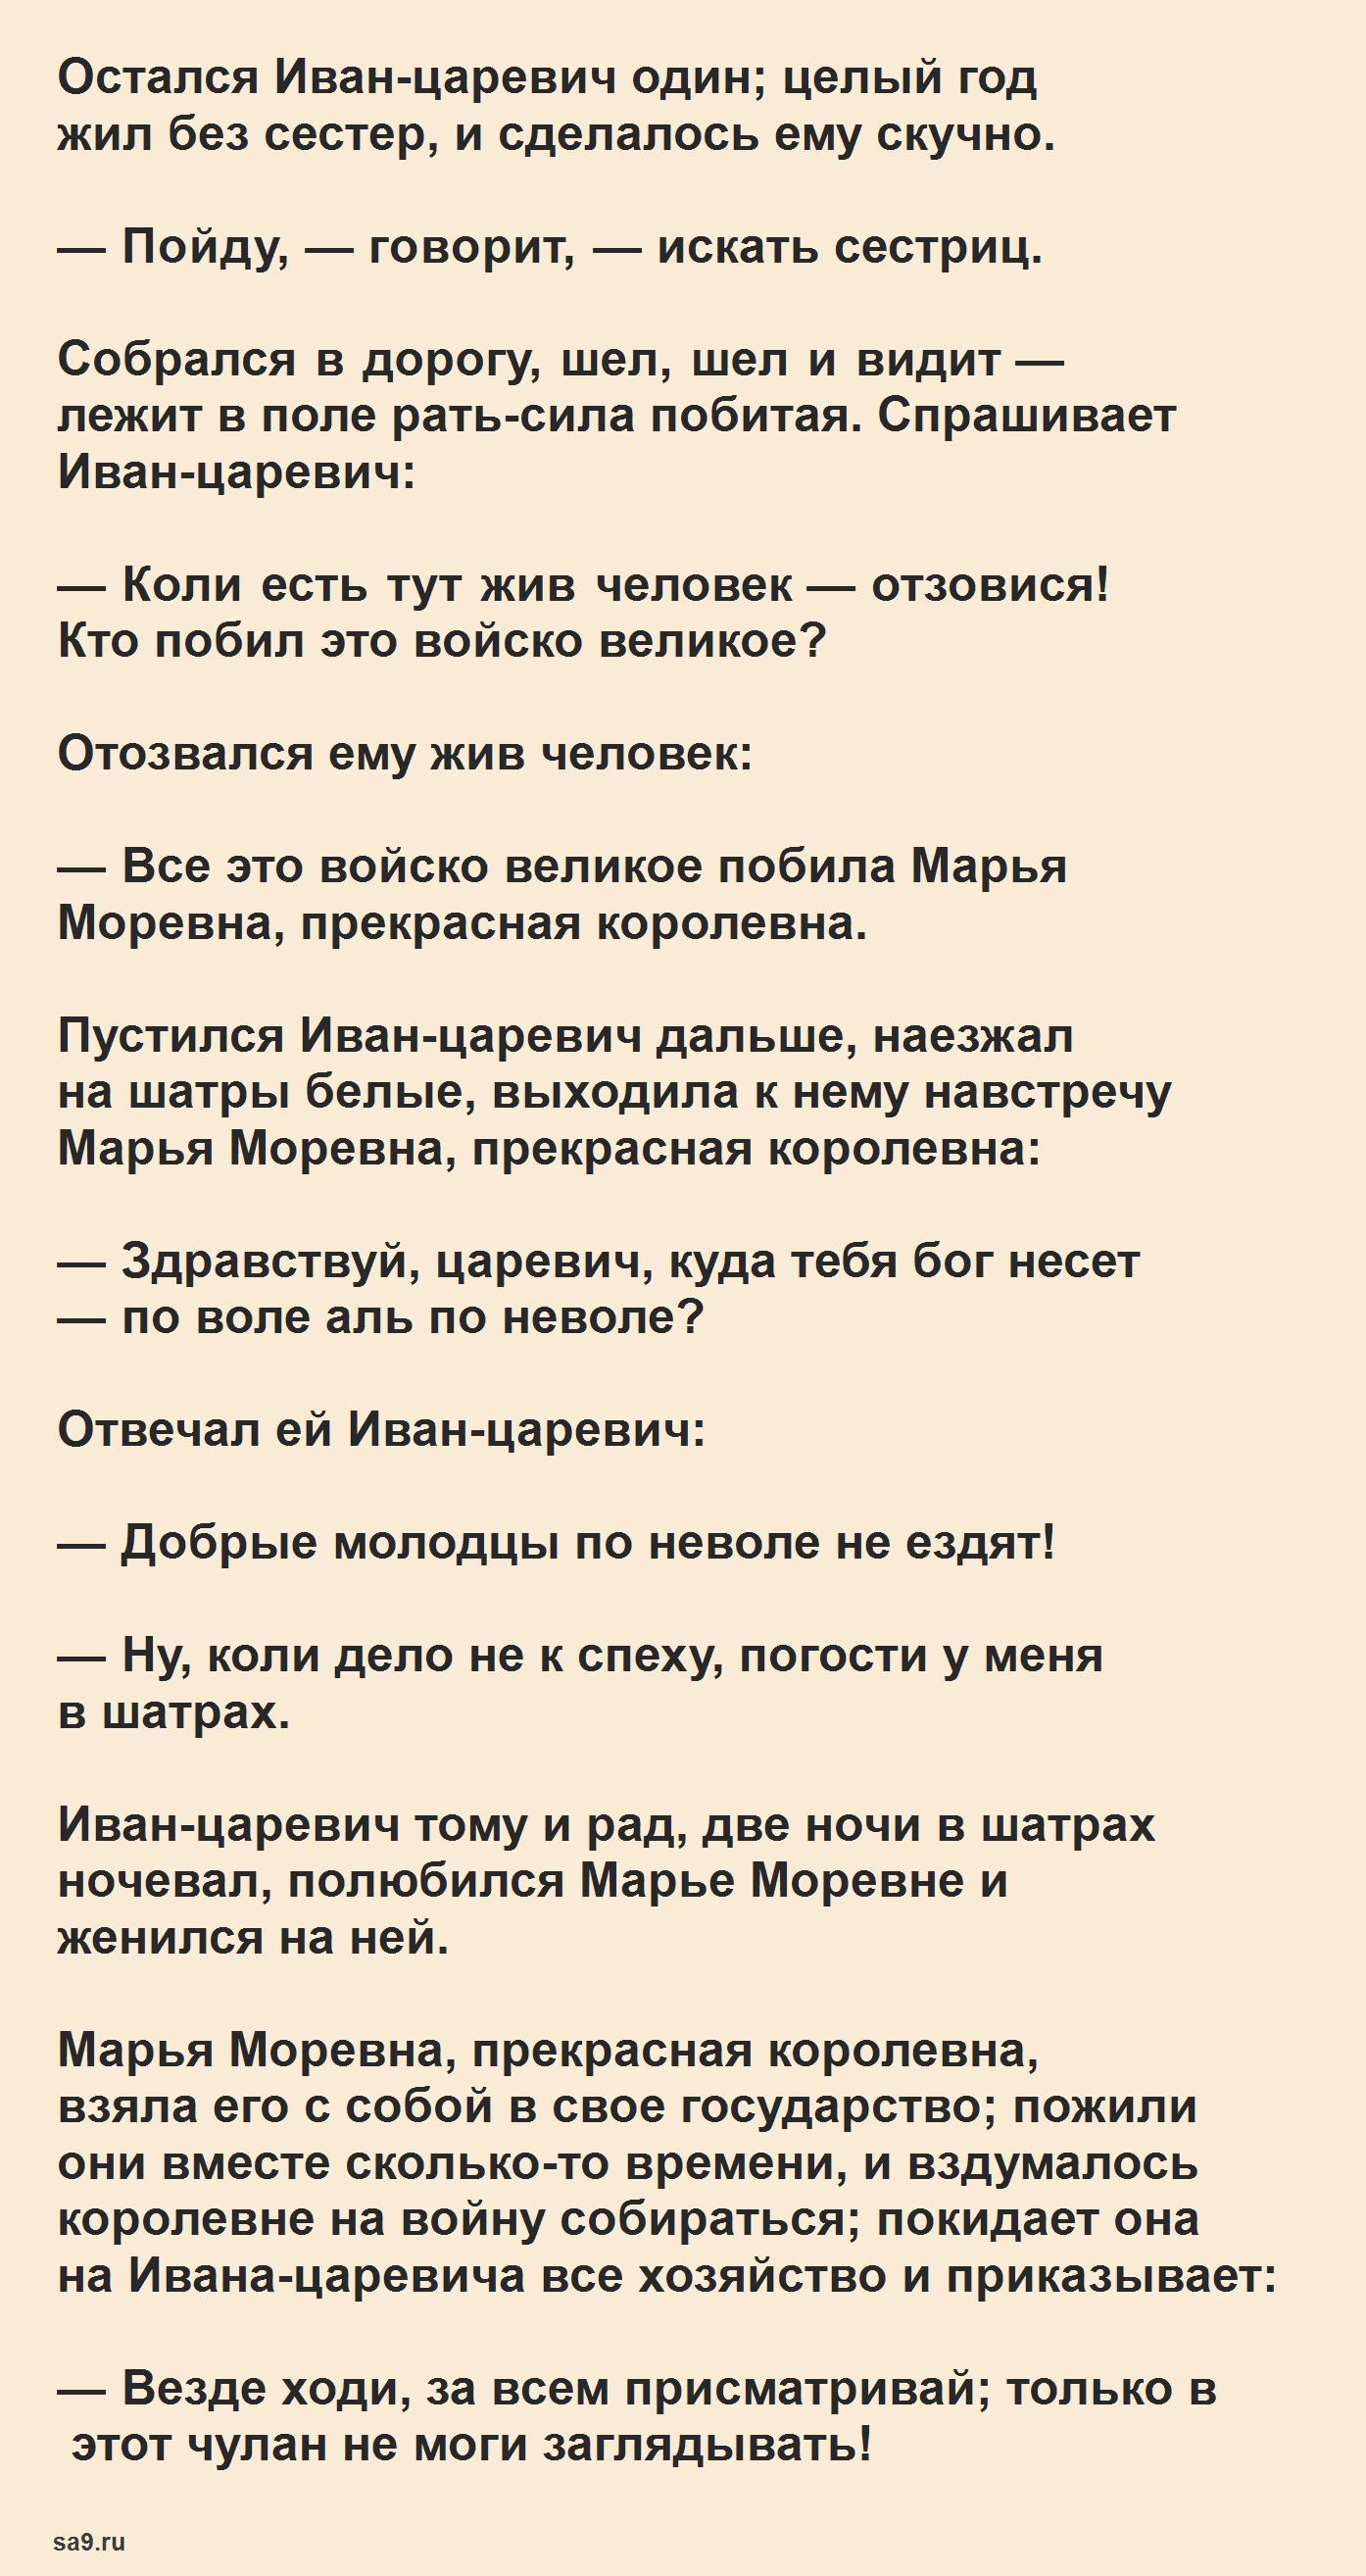 Русская народная сказка - Марья Моревна, читать онлайн бесплатно